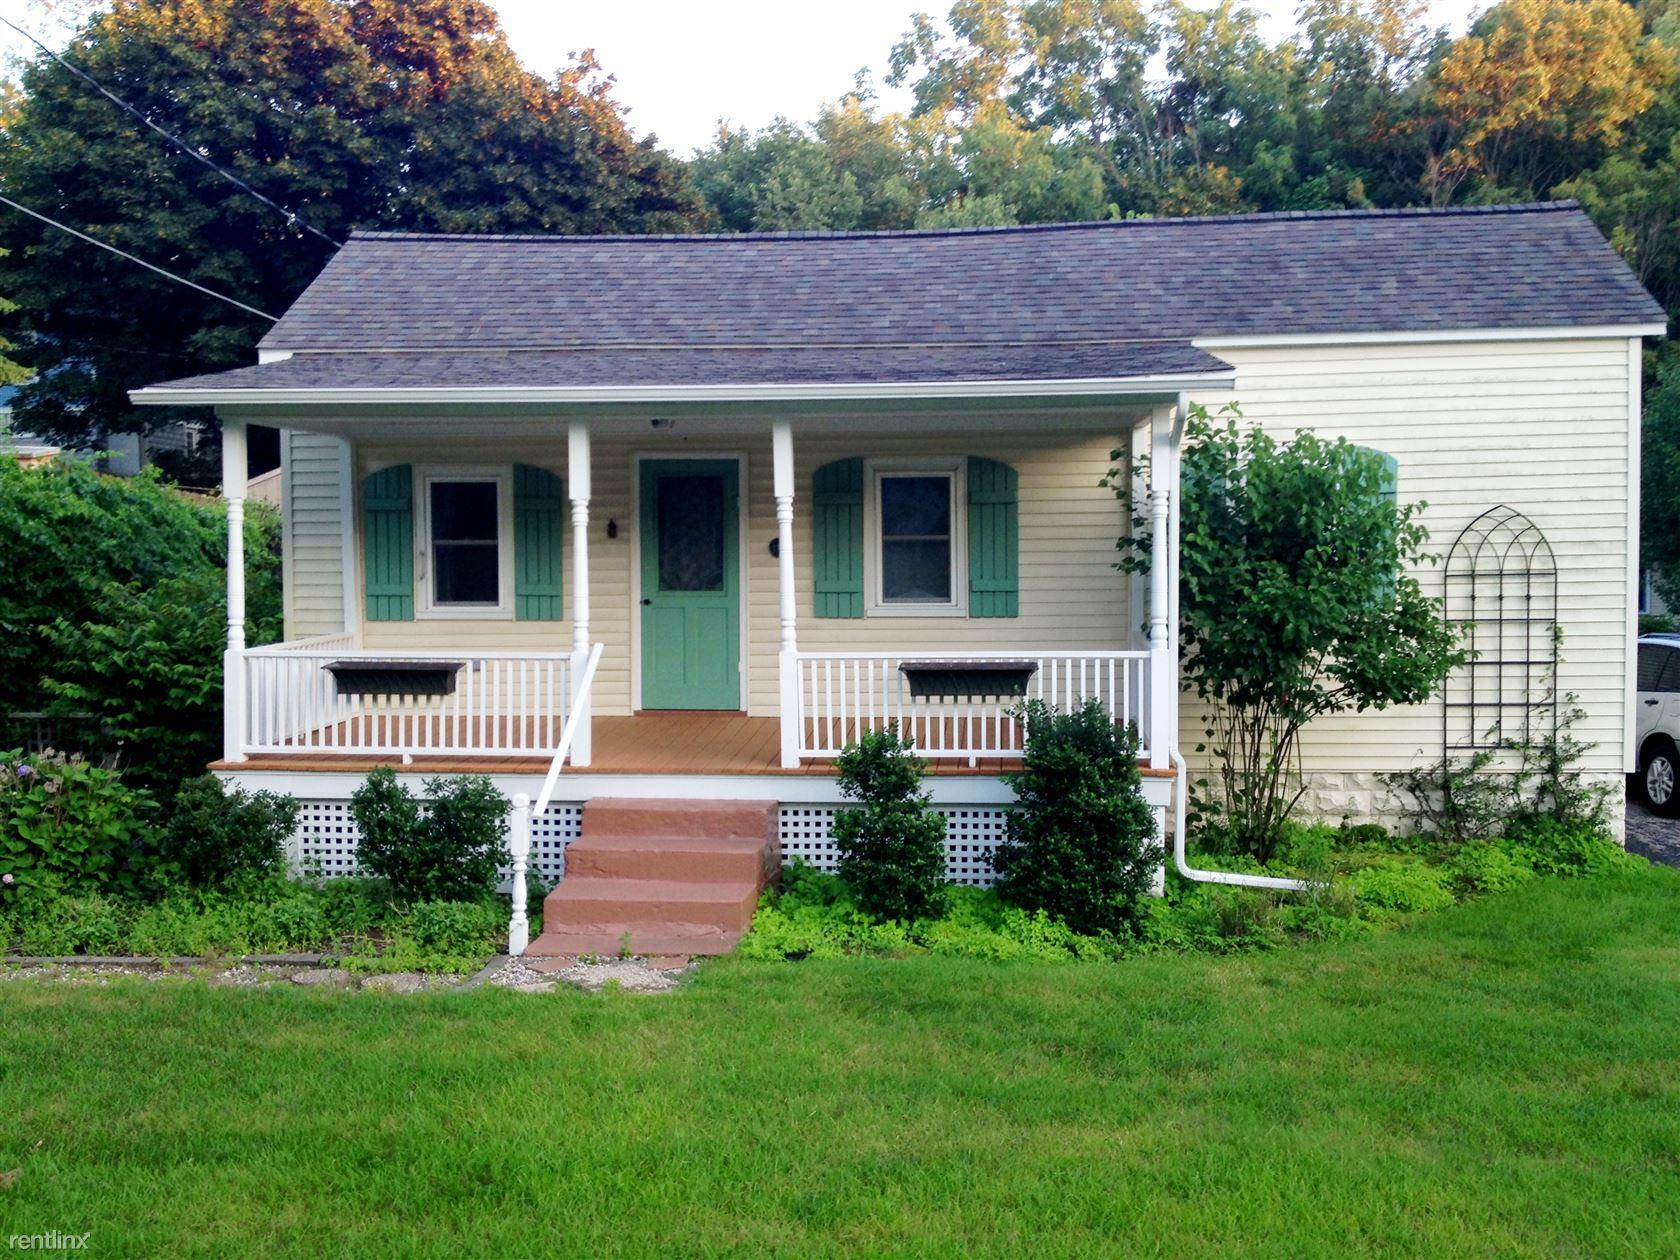 110 Williams Ave, Grand Haven, MI - $1,700